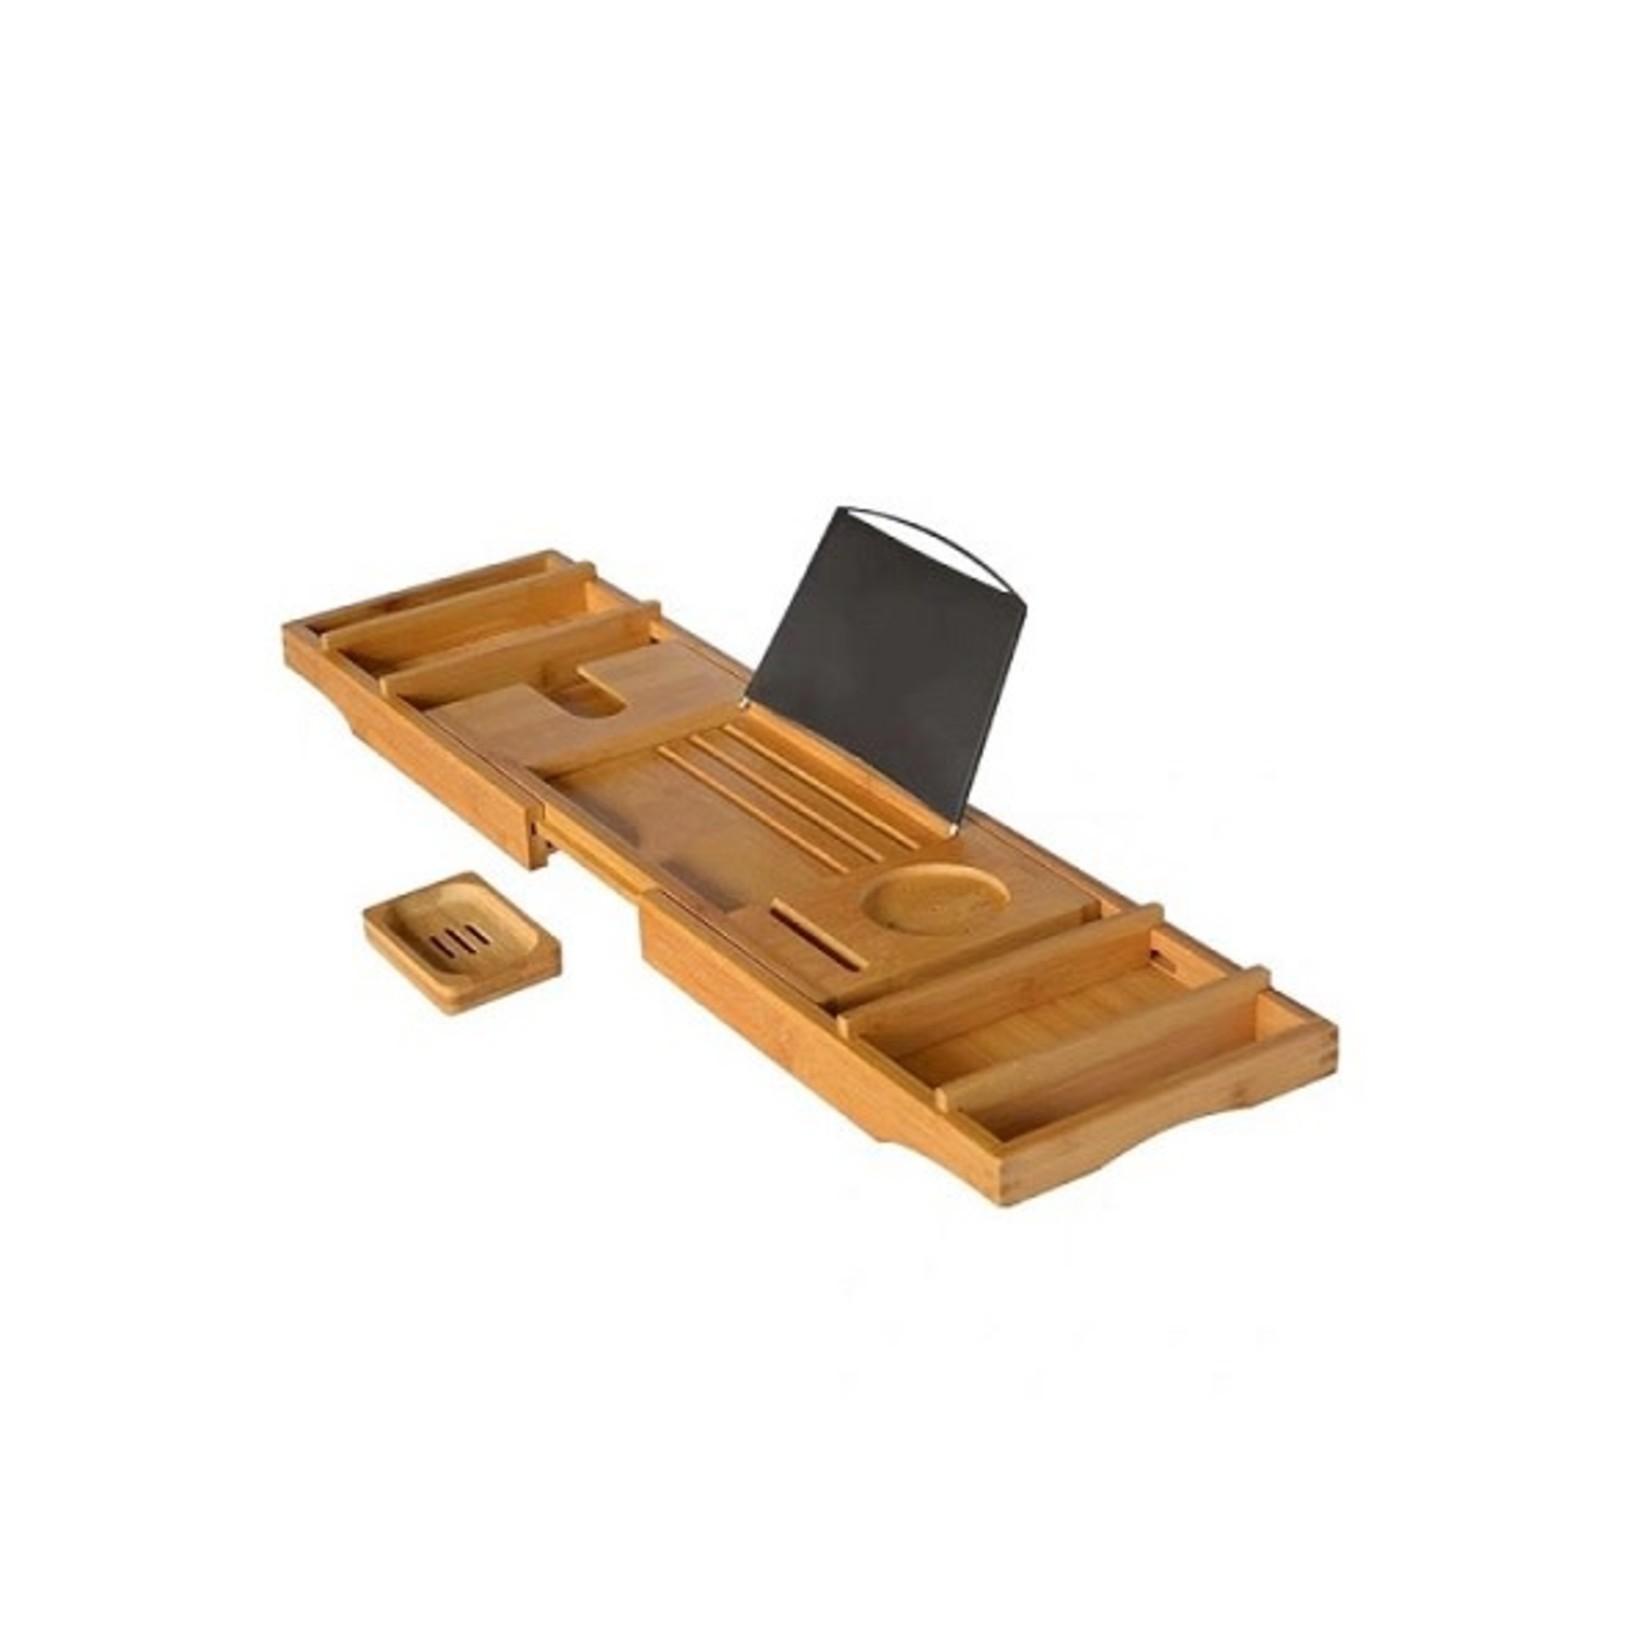 Caddy pour baignoire en bamboo